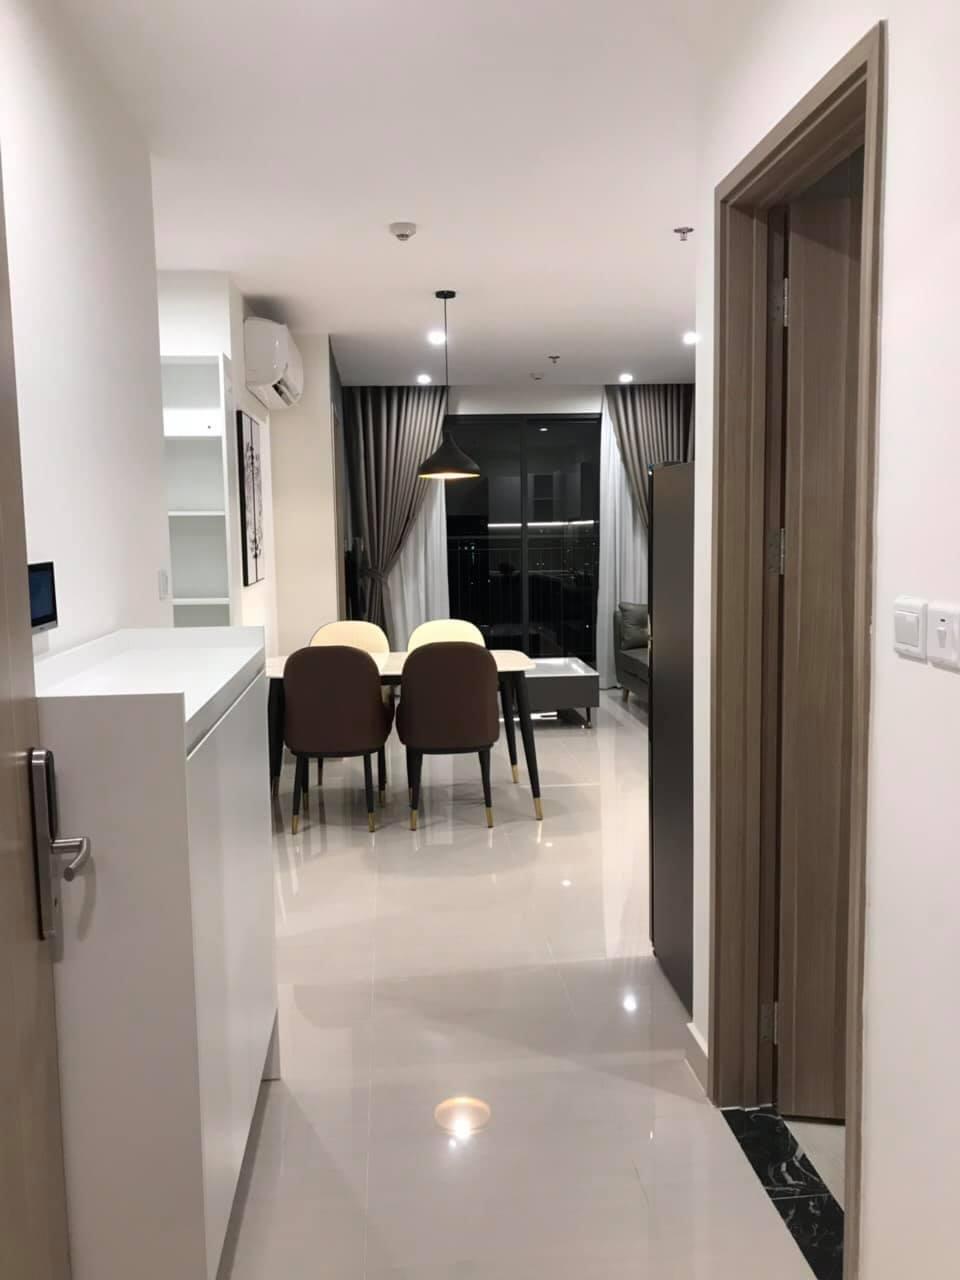 Căn hộ 2 phòng ngủ nội thất đầy đủ tầng 5 toà S2.03 giá 8tr/tháng 3